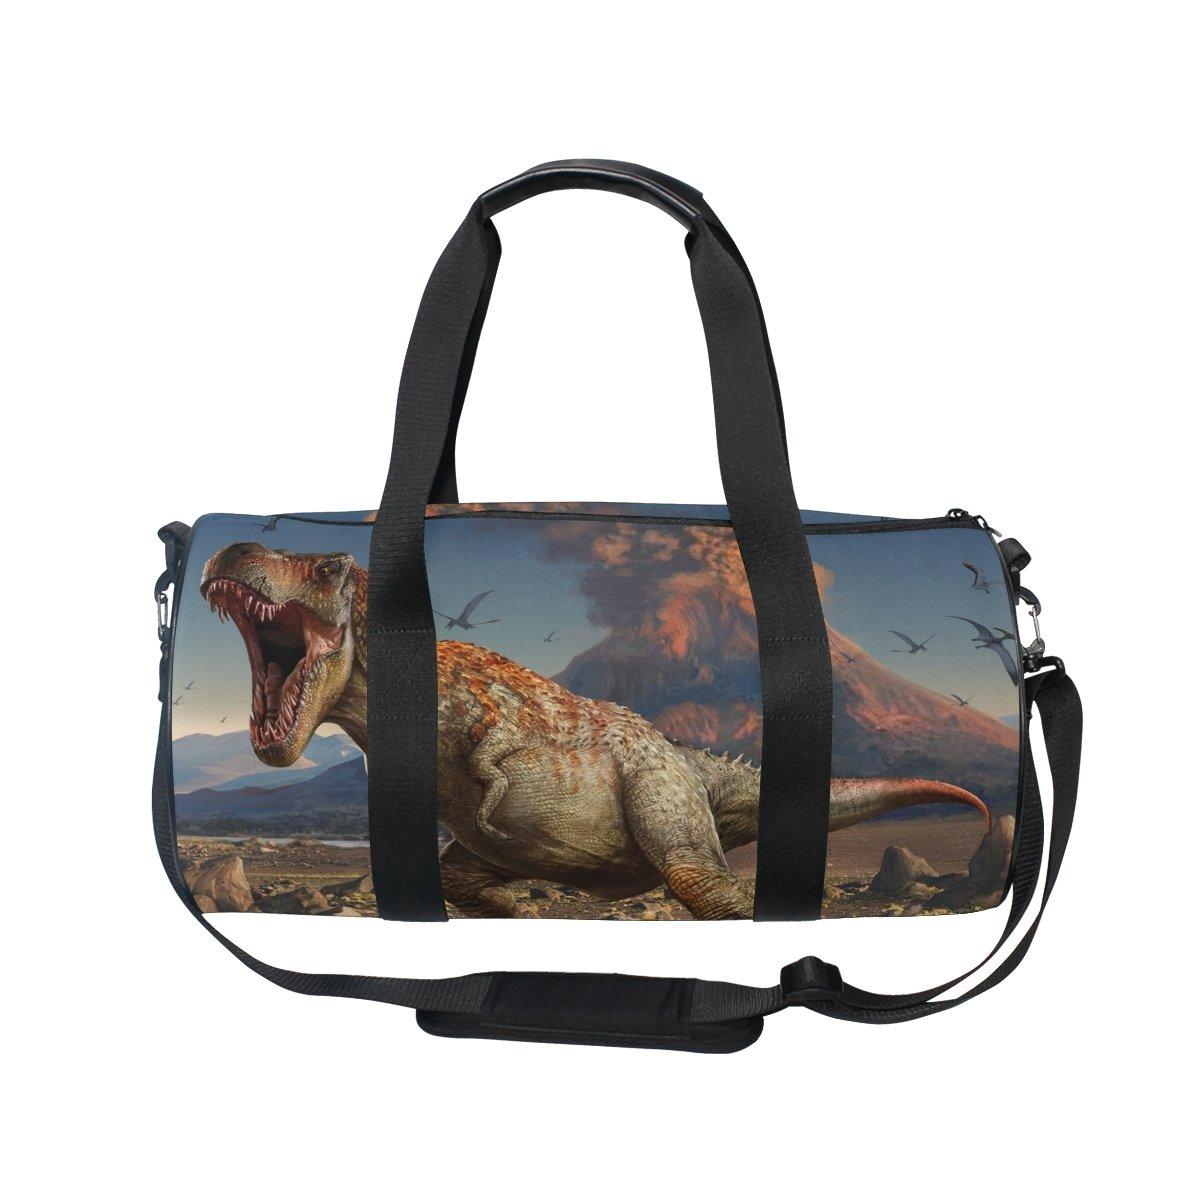 COOSUN Dinosaurio bolsa de lona del hombro de Handy Deportes Gimnasia Bolsas para hombres y mujeres Medio Multicolor: Amazon.es: Equipaje